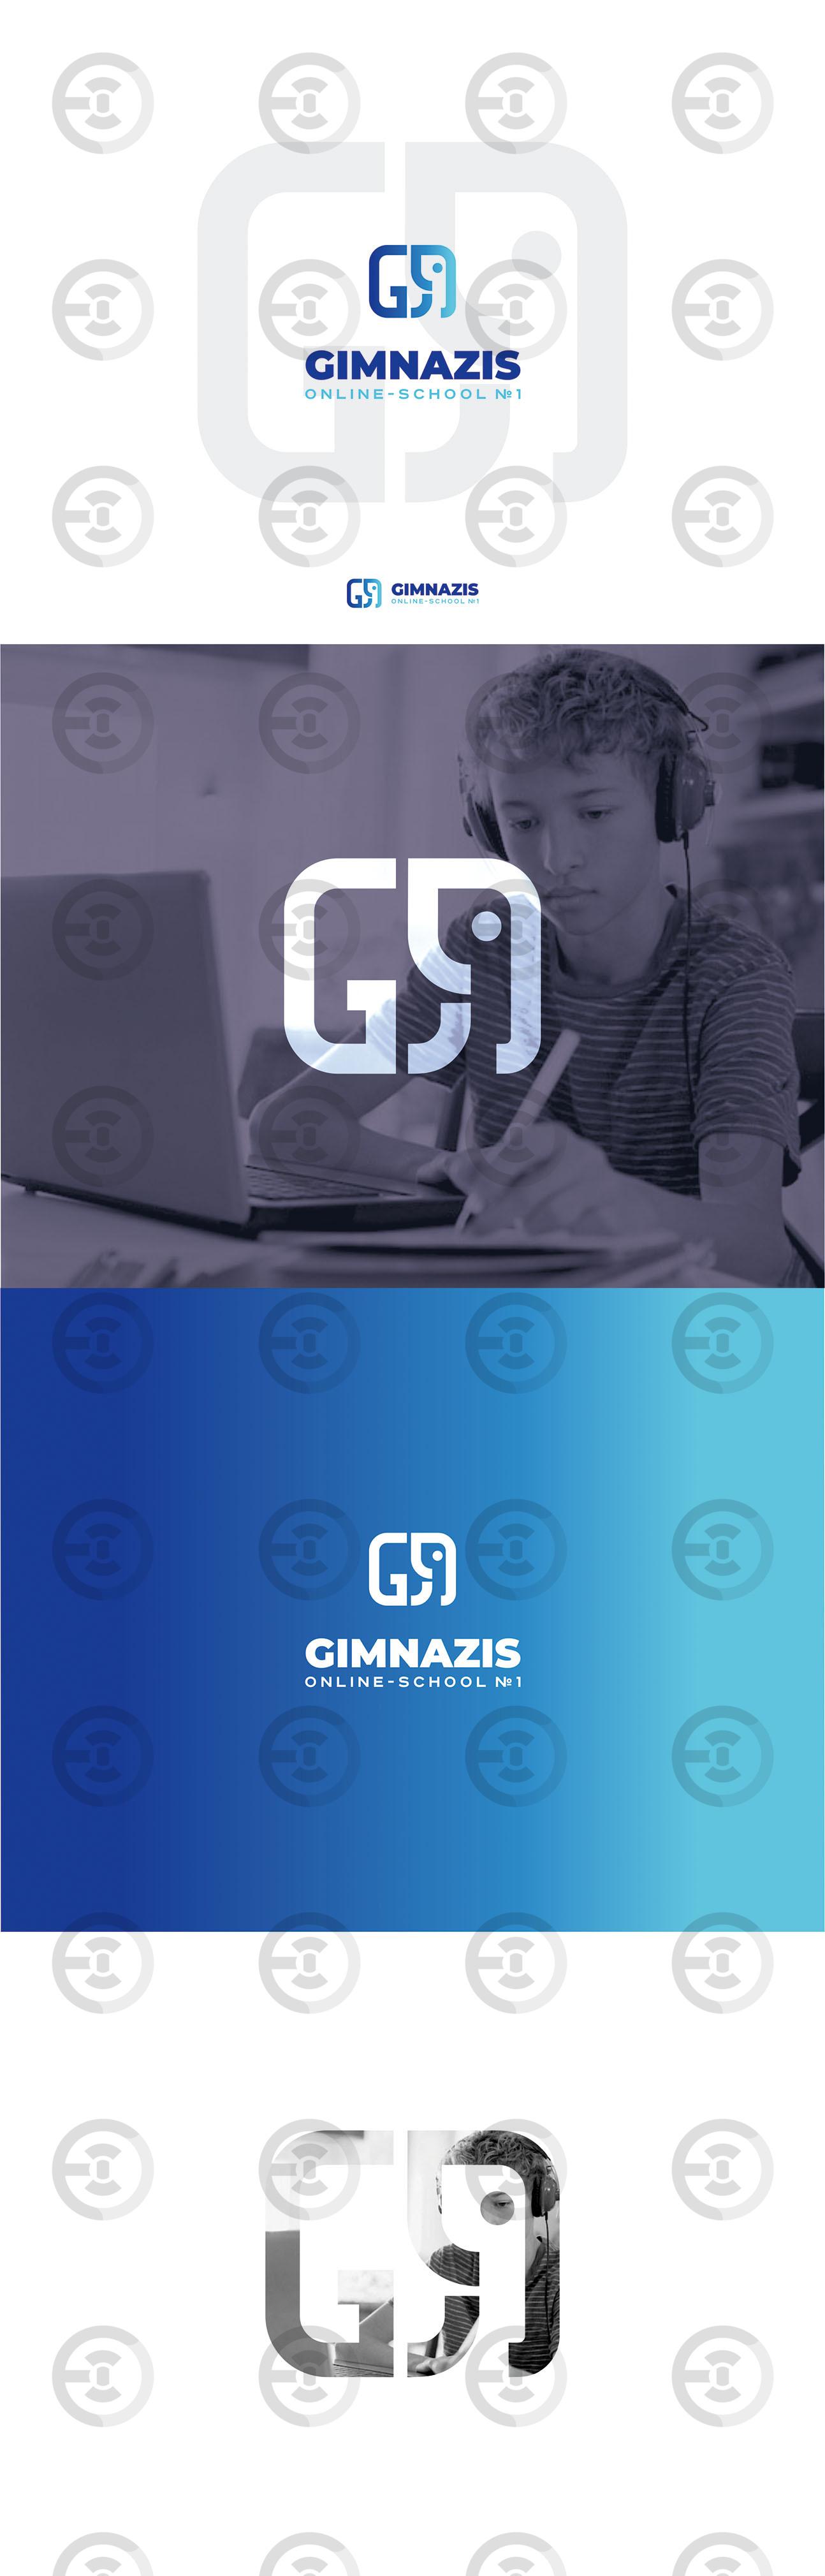 Gimnazis5.jpg